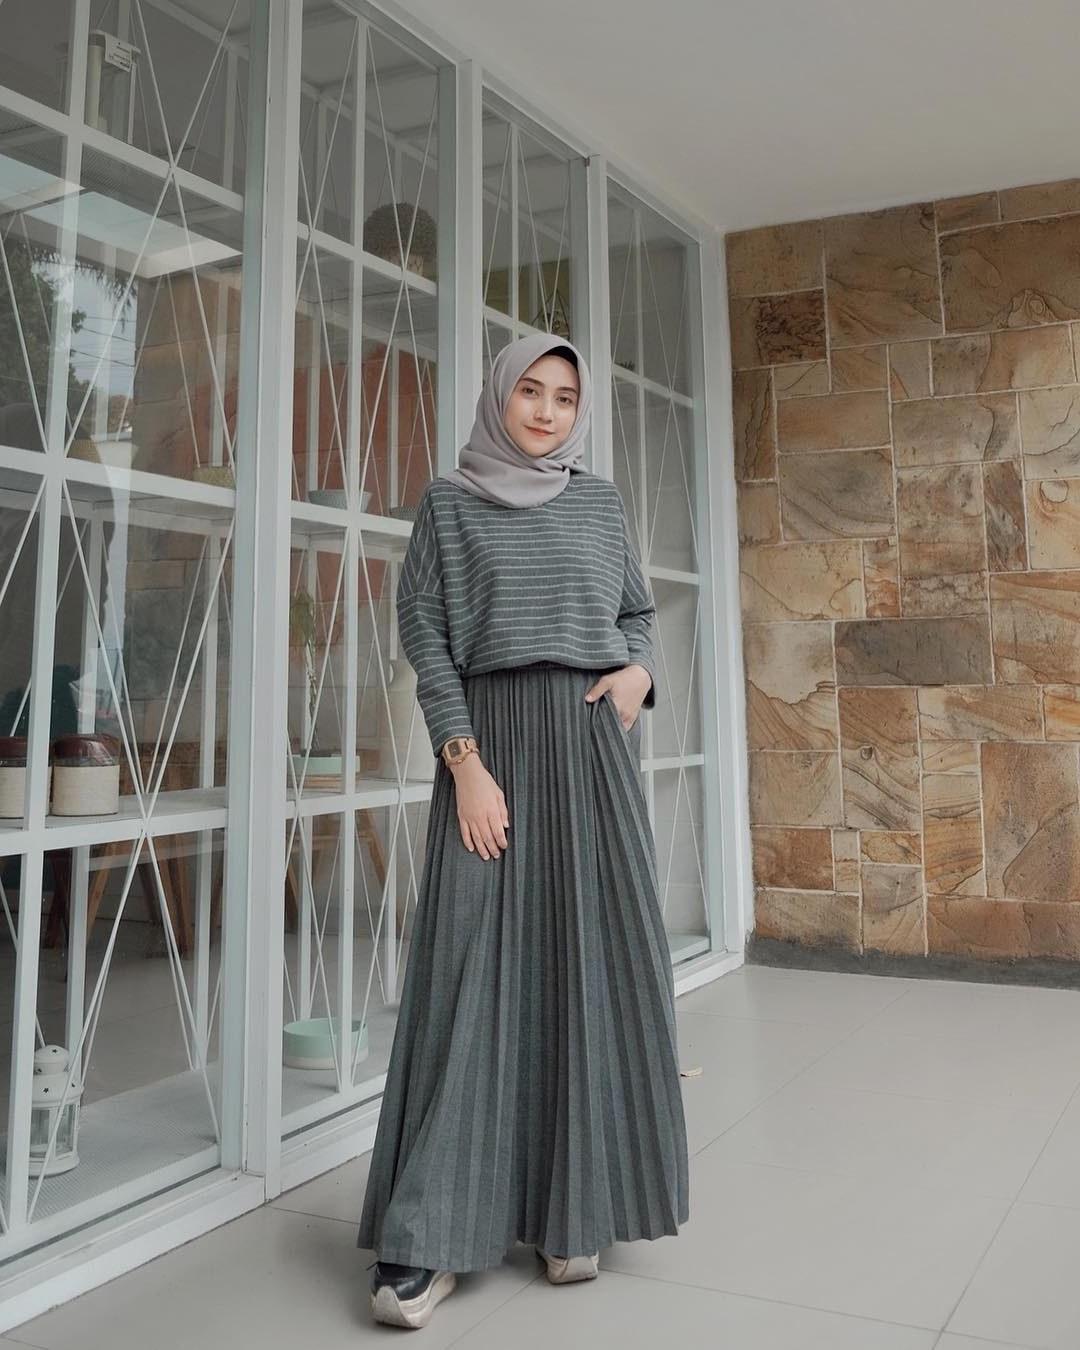 Inspirasi Desain Baju Lebaran Keluarga 2019 Bqdd Baju Muslim Lebaran Terbaru 2019